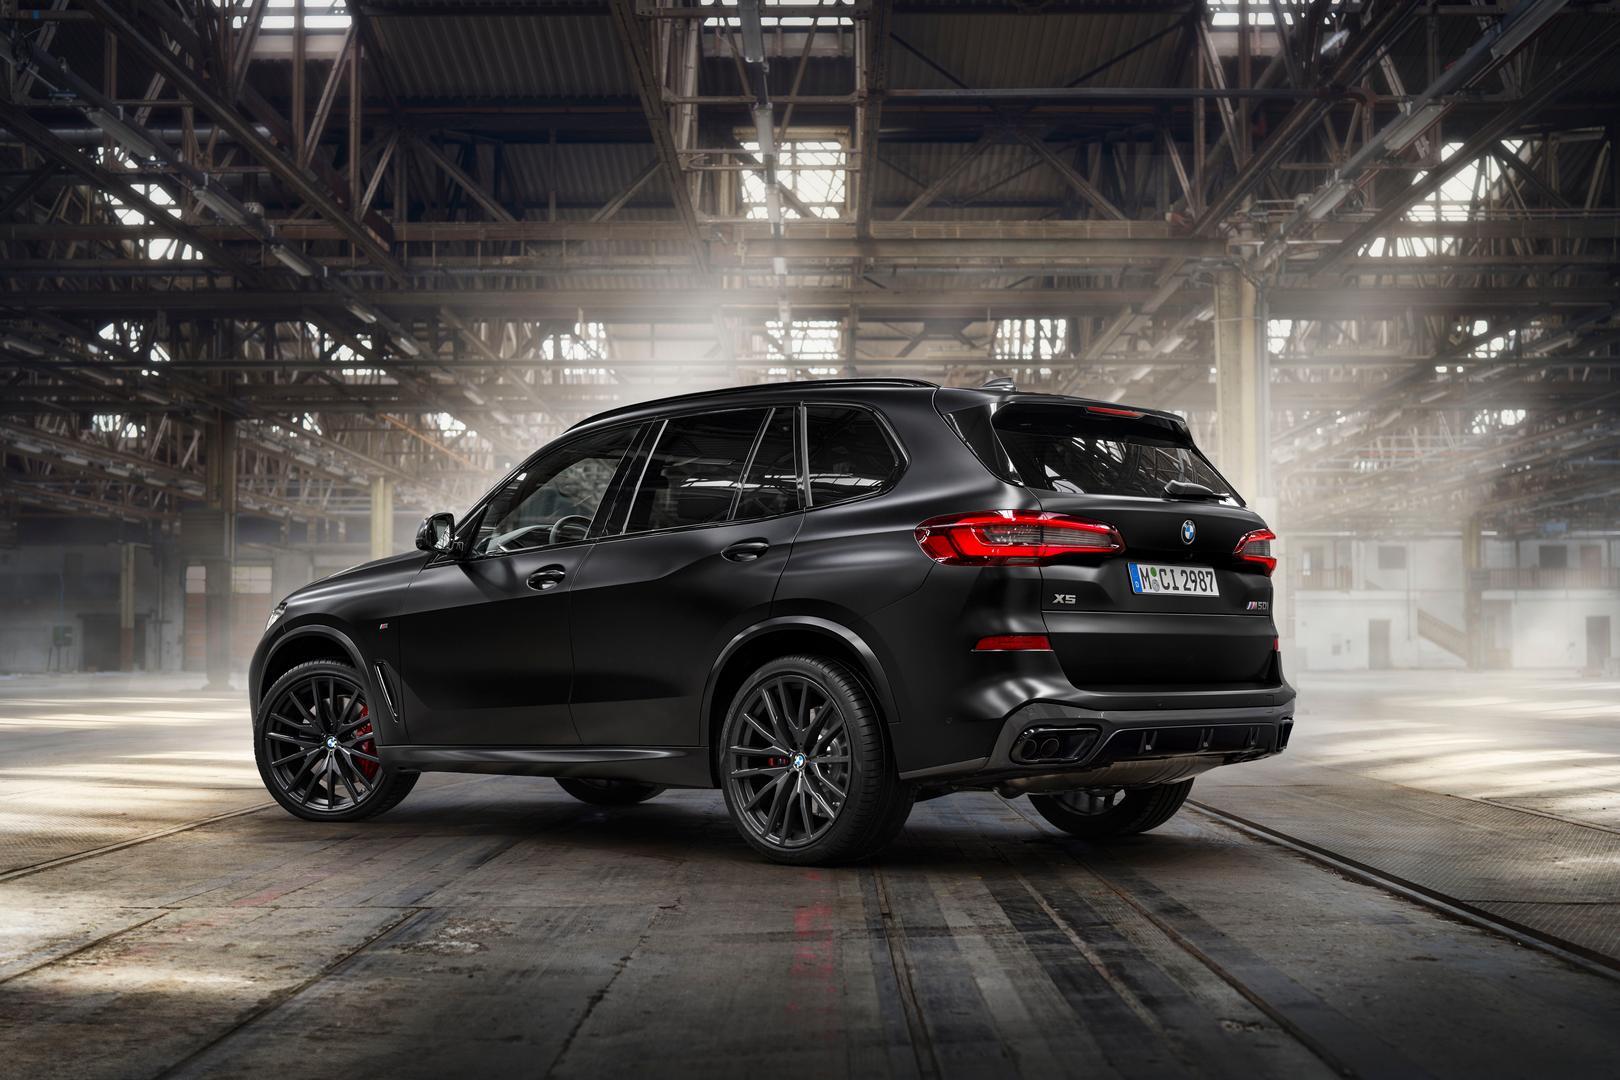 BMW X5 Black Vermilion rear